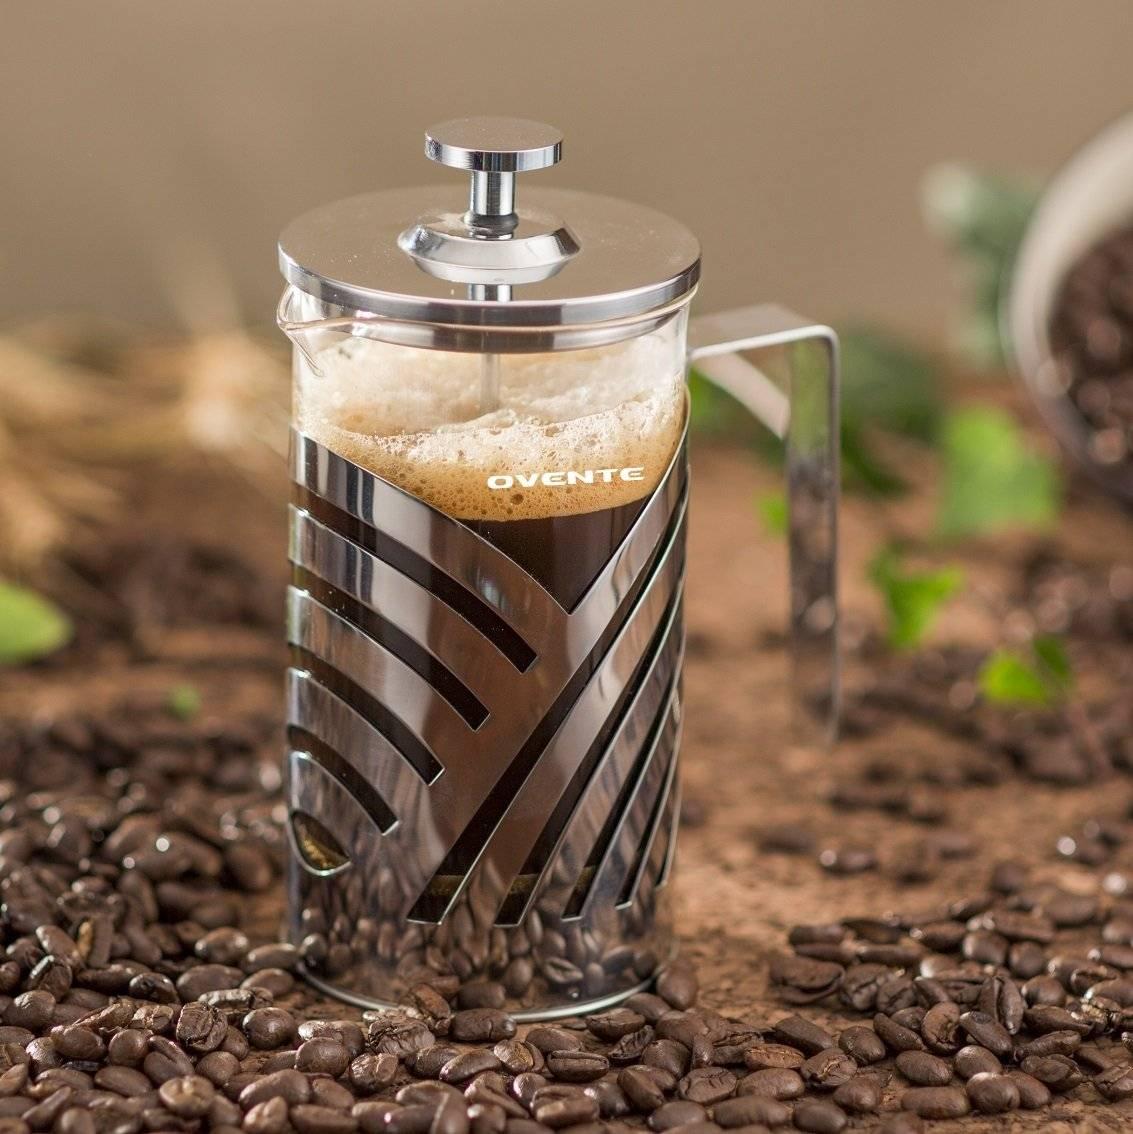 Френч-пресс и эспрессо — сравнение двух классических методов заваривания кофе